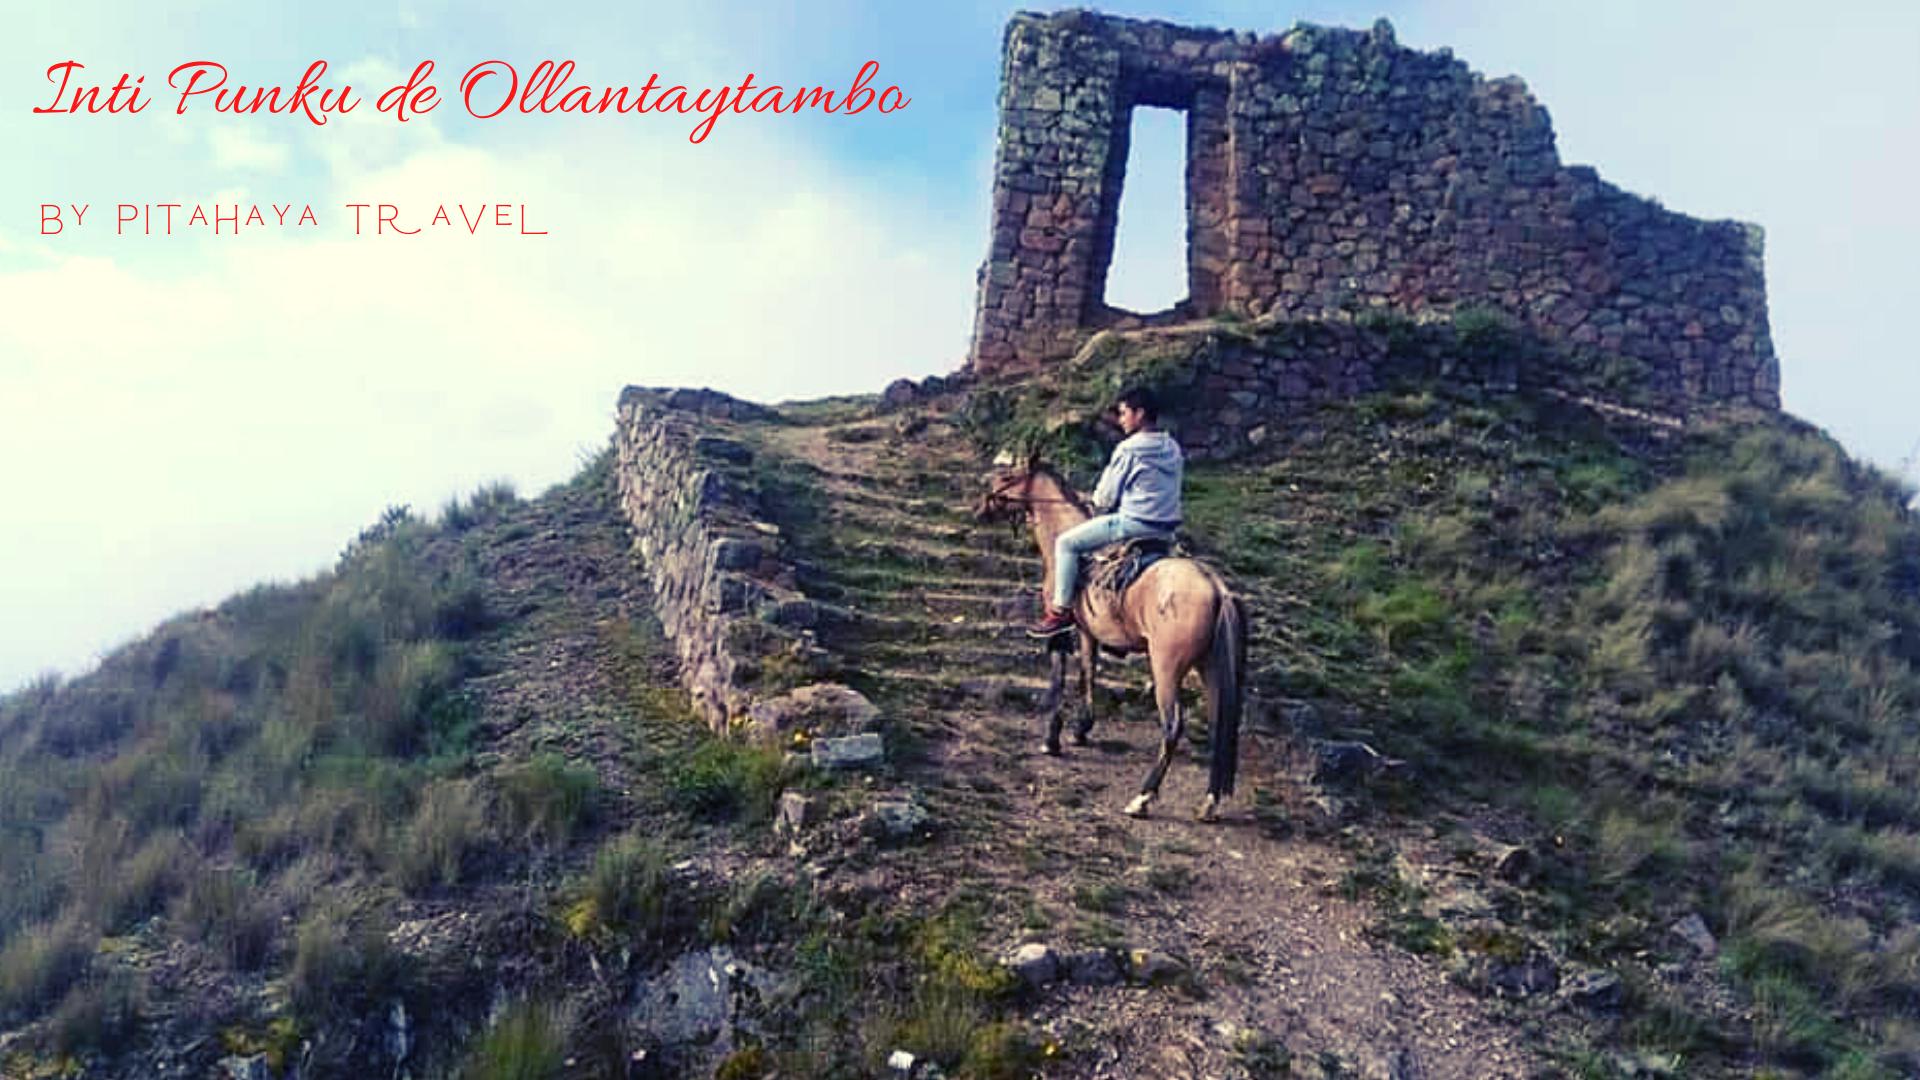 Cómo llegar a Inti Punku la Puerta Interdimensional de Ollantaytambo desde cusco